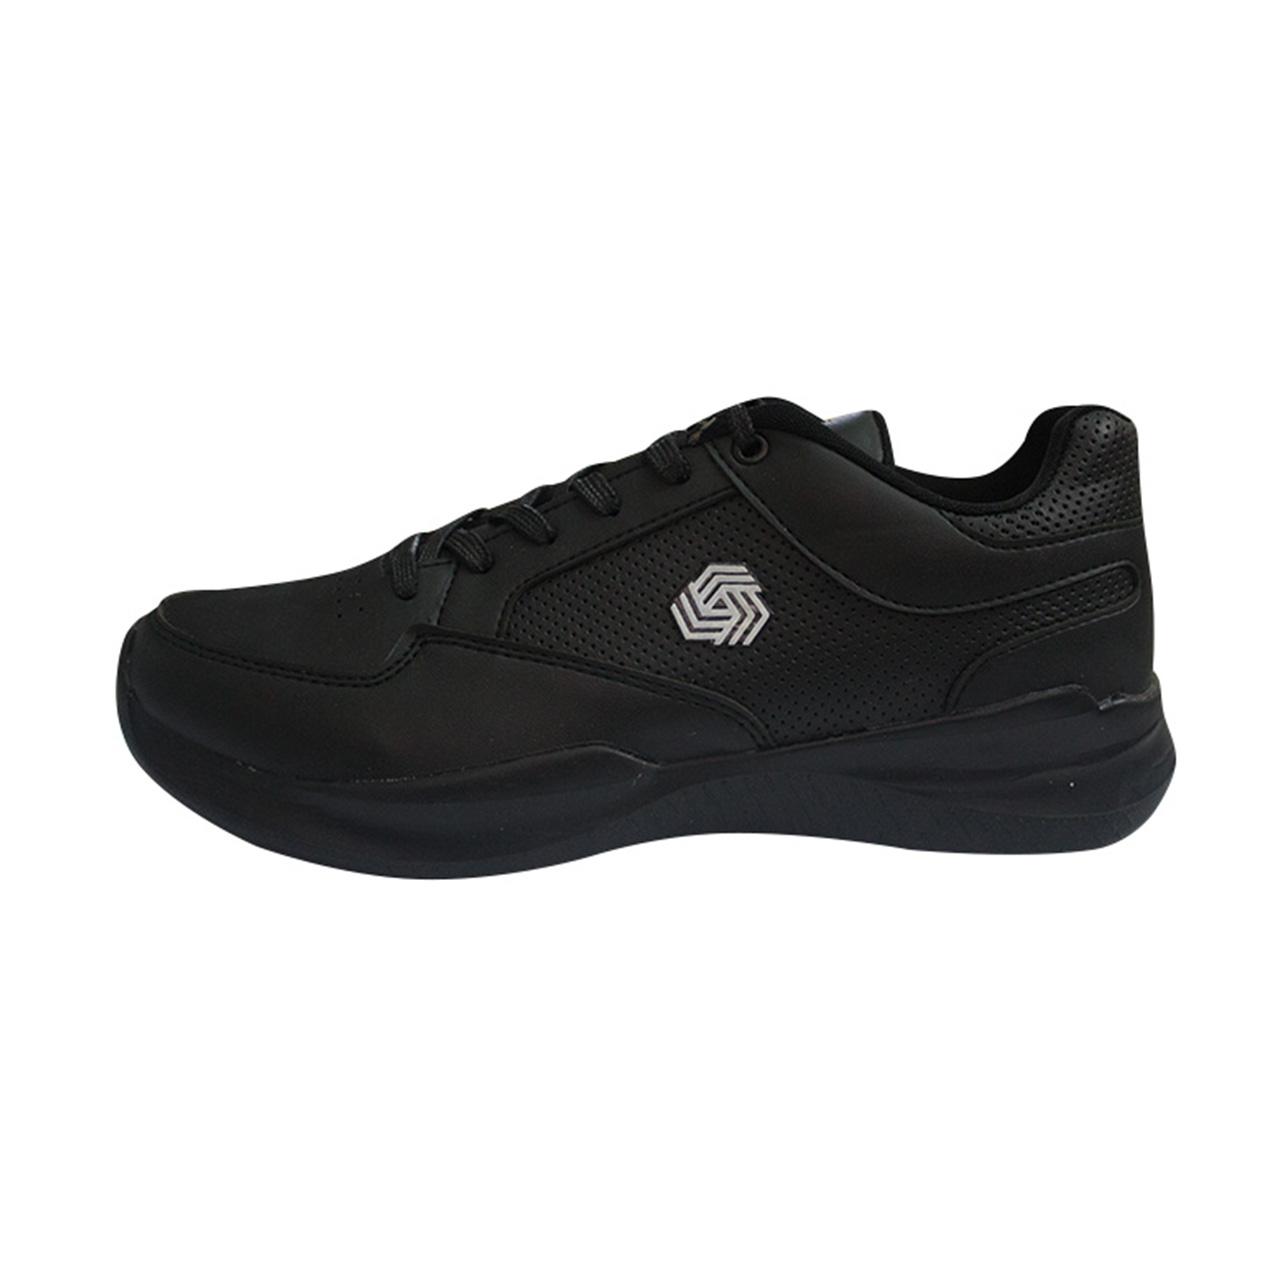 کفش مخصوص پیاده روی مردانه فورس مدل 2021m1B